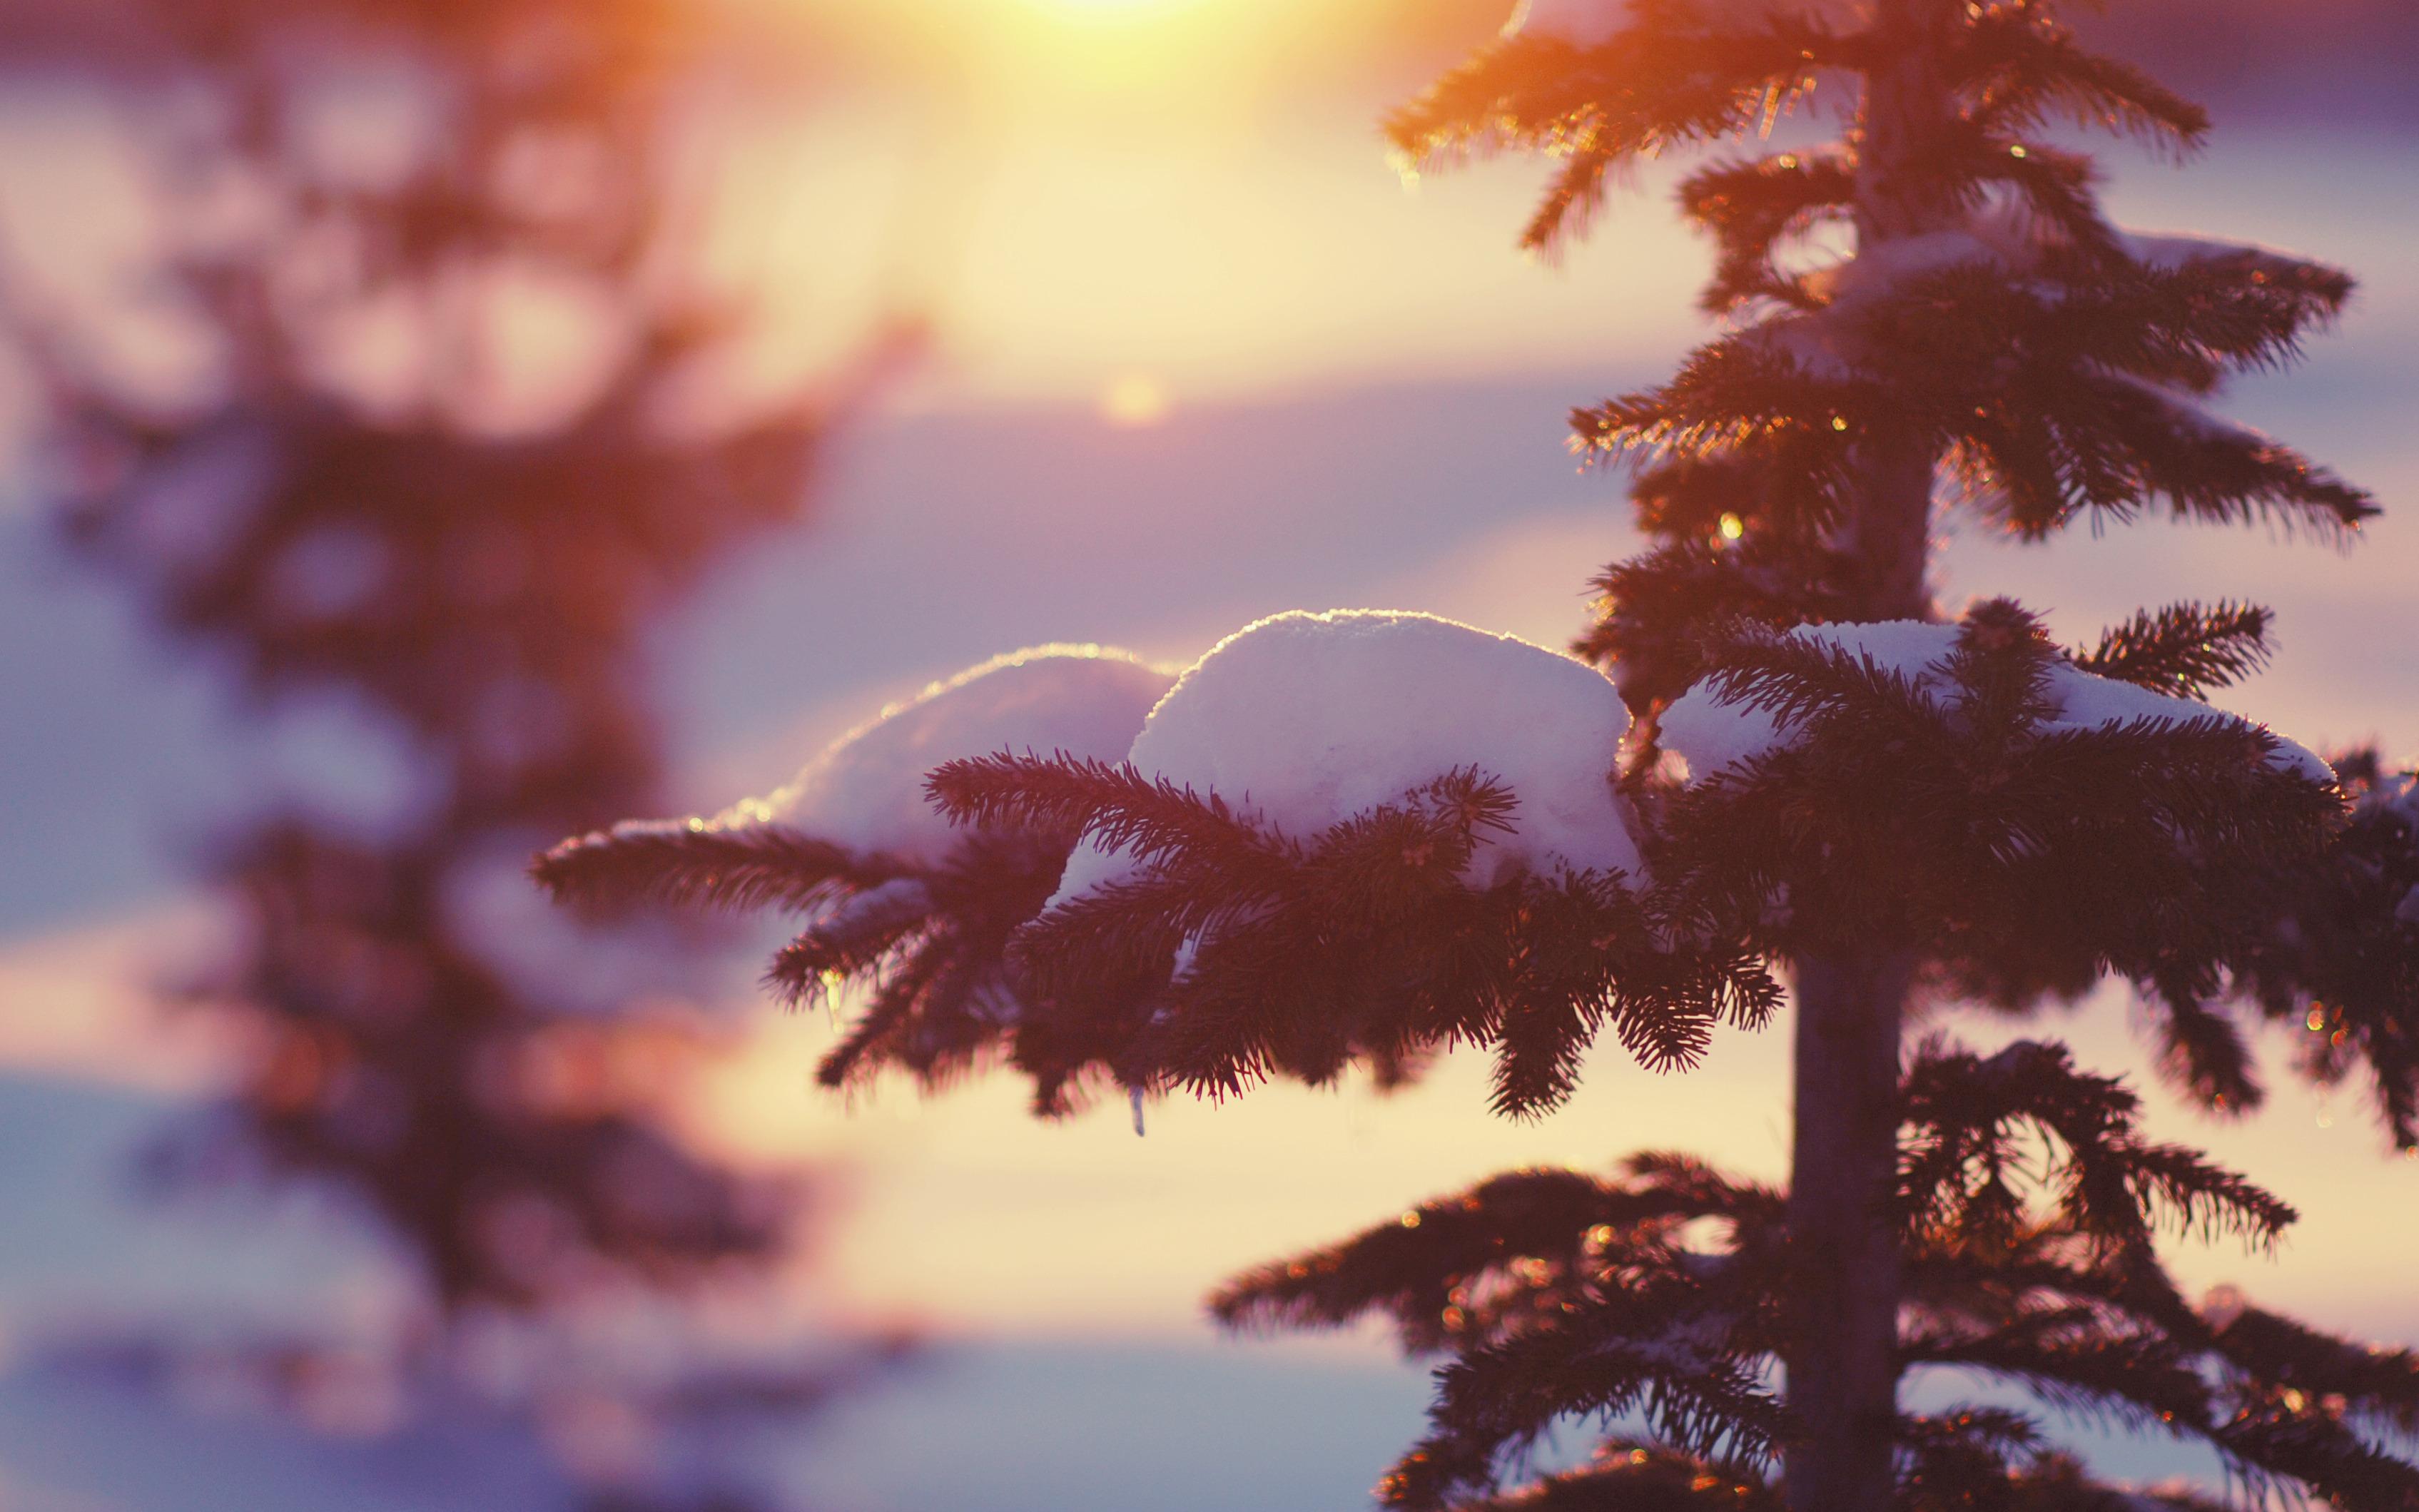 заснеженная растительность на закате  № 1027111 загрузить